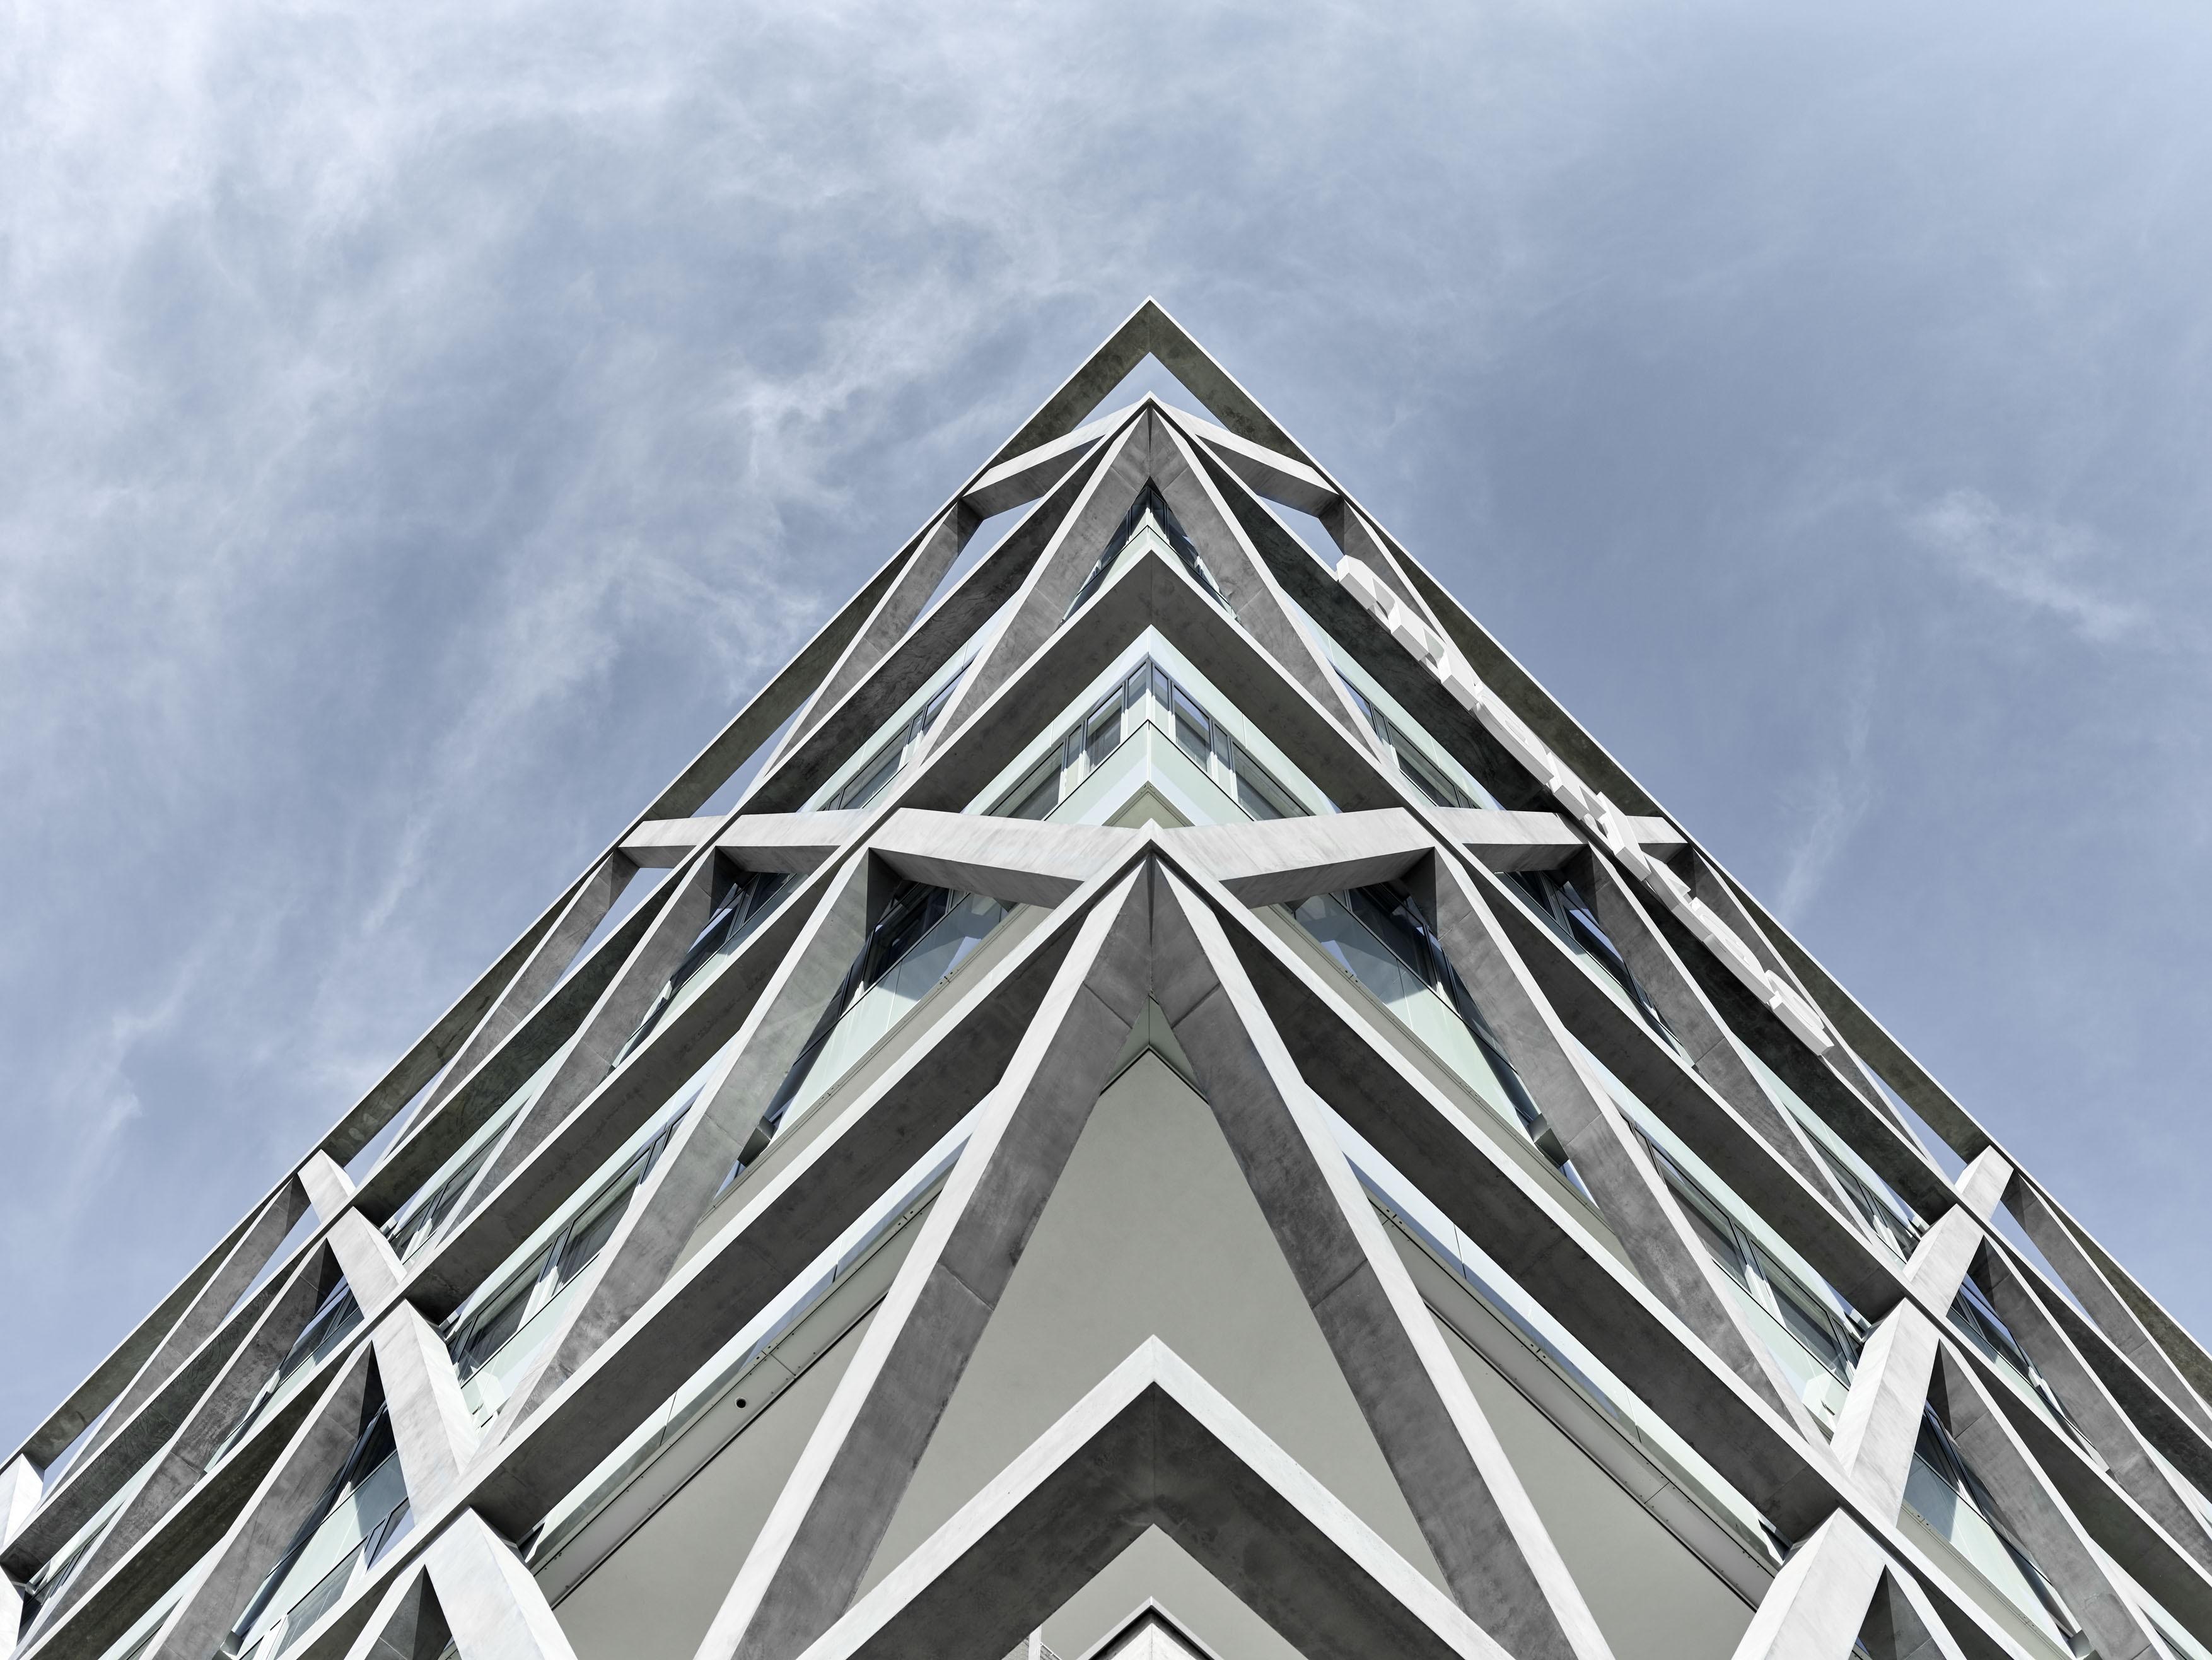 ATP hoch hinaus: Mit 40 Metern zählt der Markas-Turm zu den höchsten Gebäuden Bozens.<br><span class='image_copyright'>ATP/Becker</span><br>